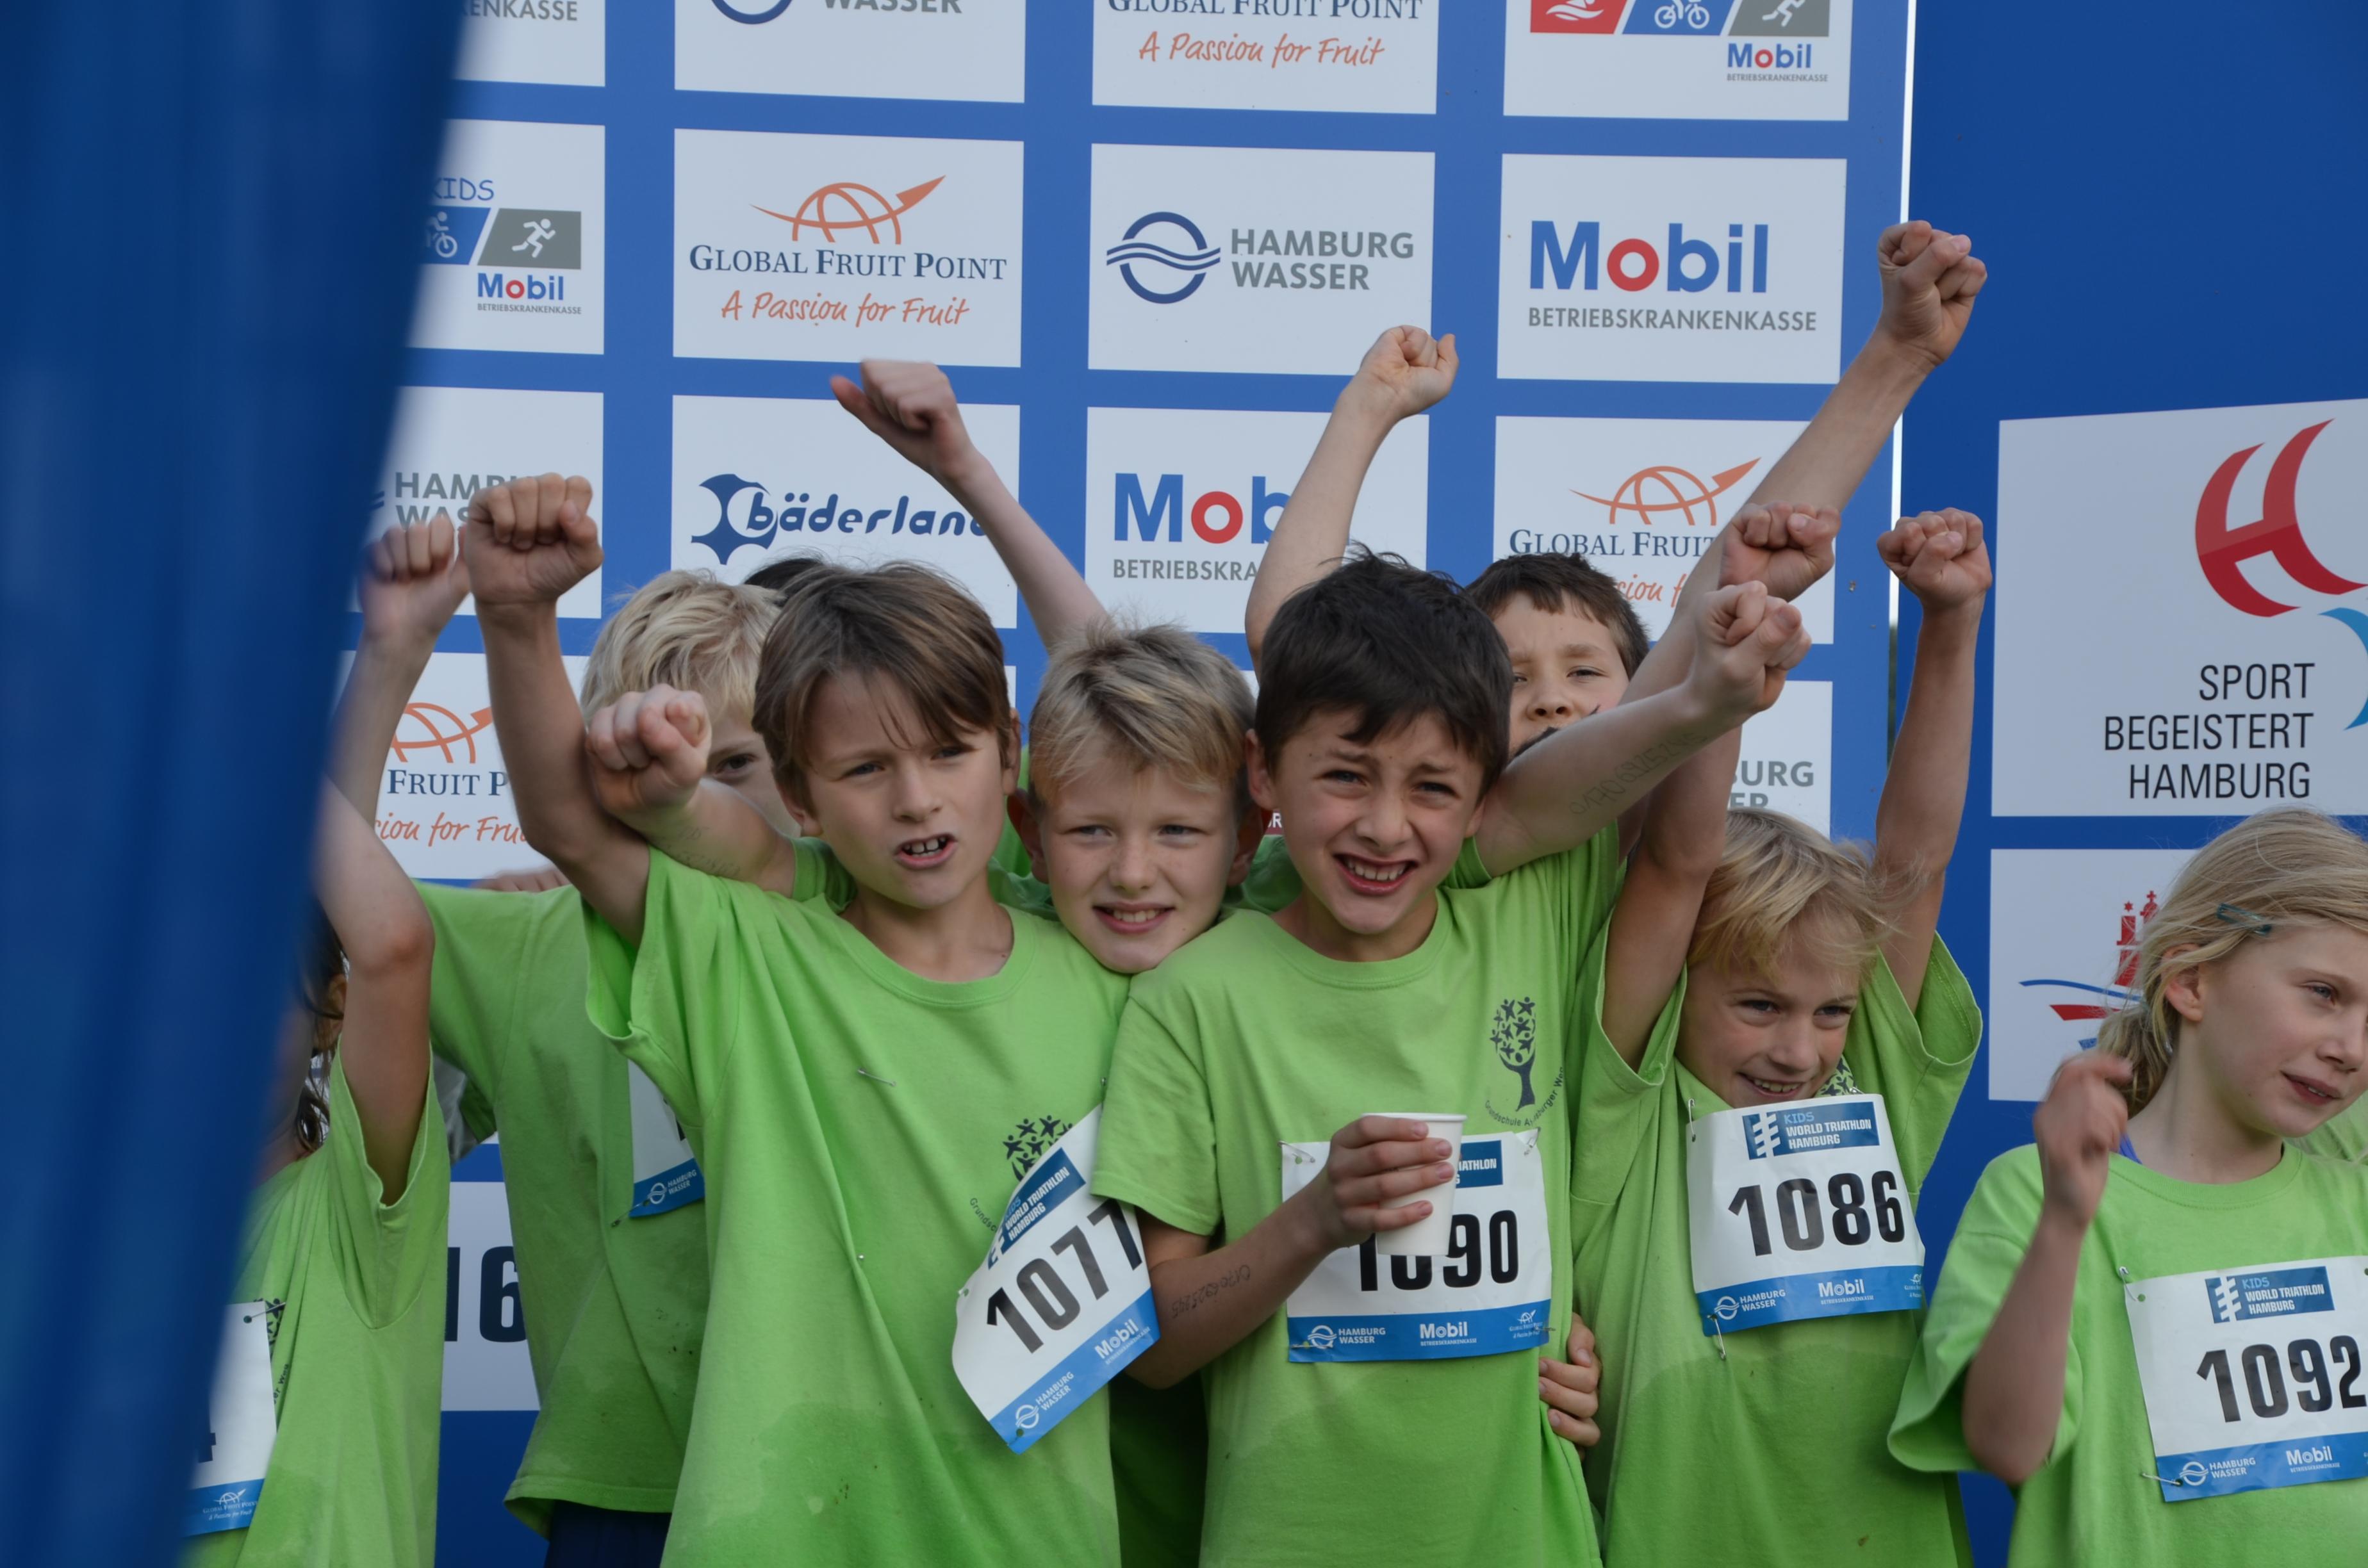 Anmeldung Für Den Kids World Triathlon Hamburg Jetzt Geöffnet 2019